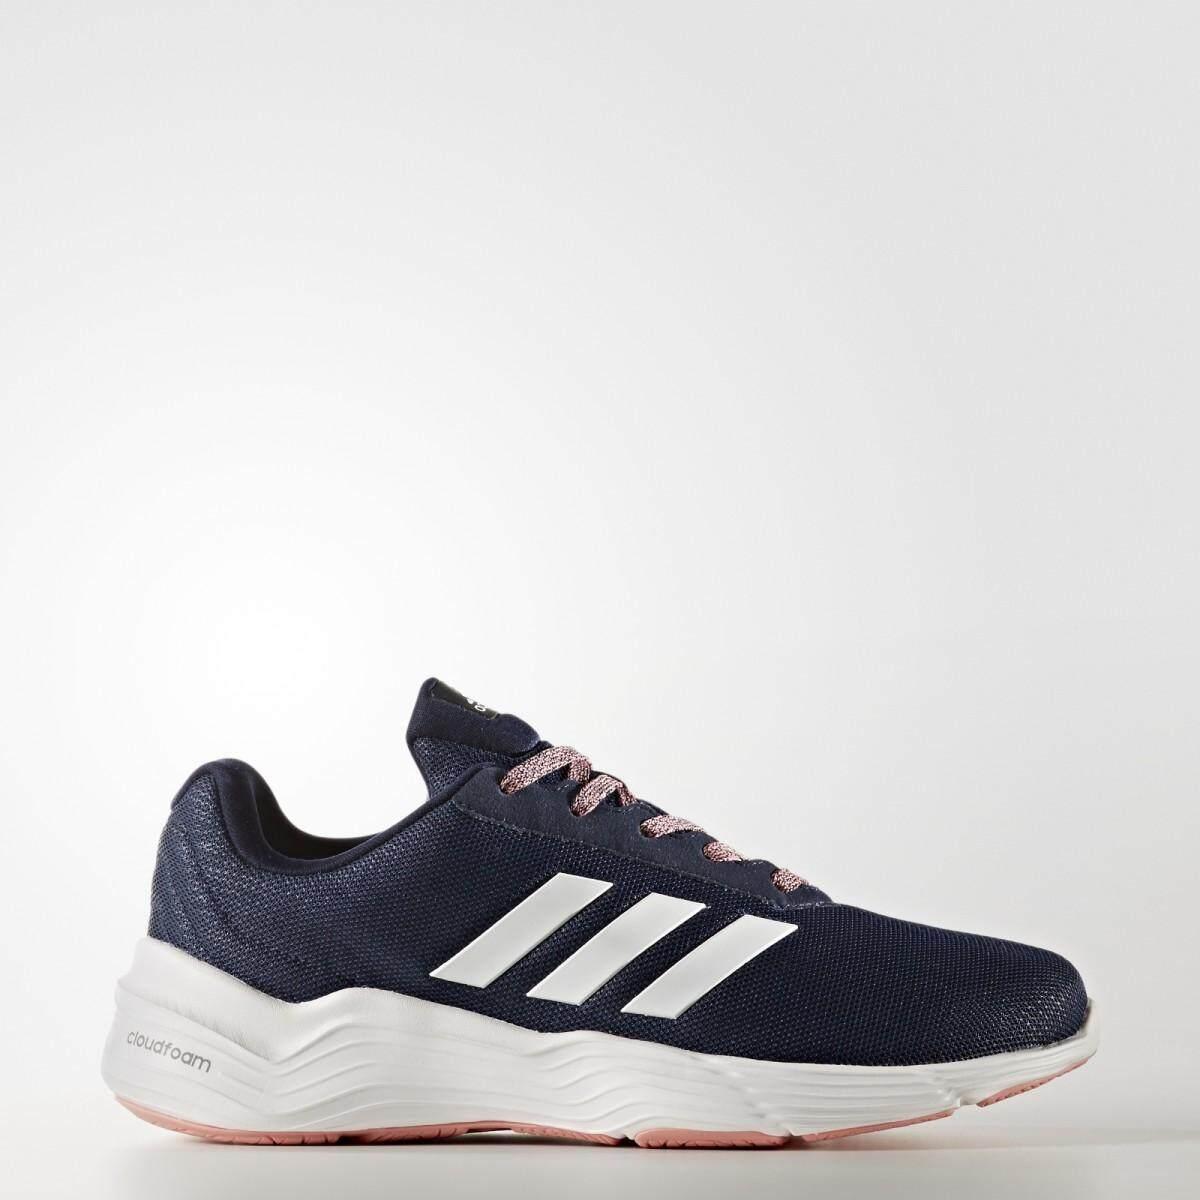 ขายดีมาก! Adidas รองเท้าผ้าใบอดิดาส Women Excercise shoes Fluid Cloud Bold Blue White น้ำหนักเบามาก สวมใส่สบาย พื้นรองรับแรงกระแทกดีมาก ของแท้100% ส่งไวด้วย kerry!!!